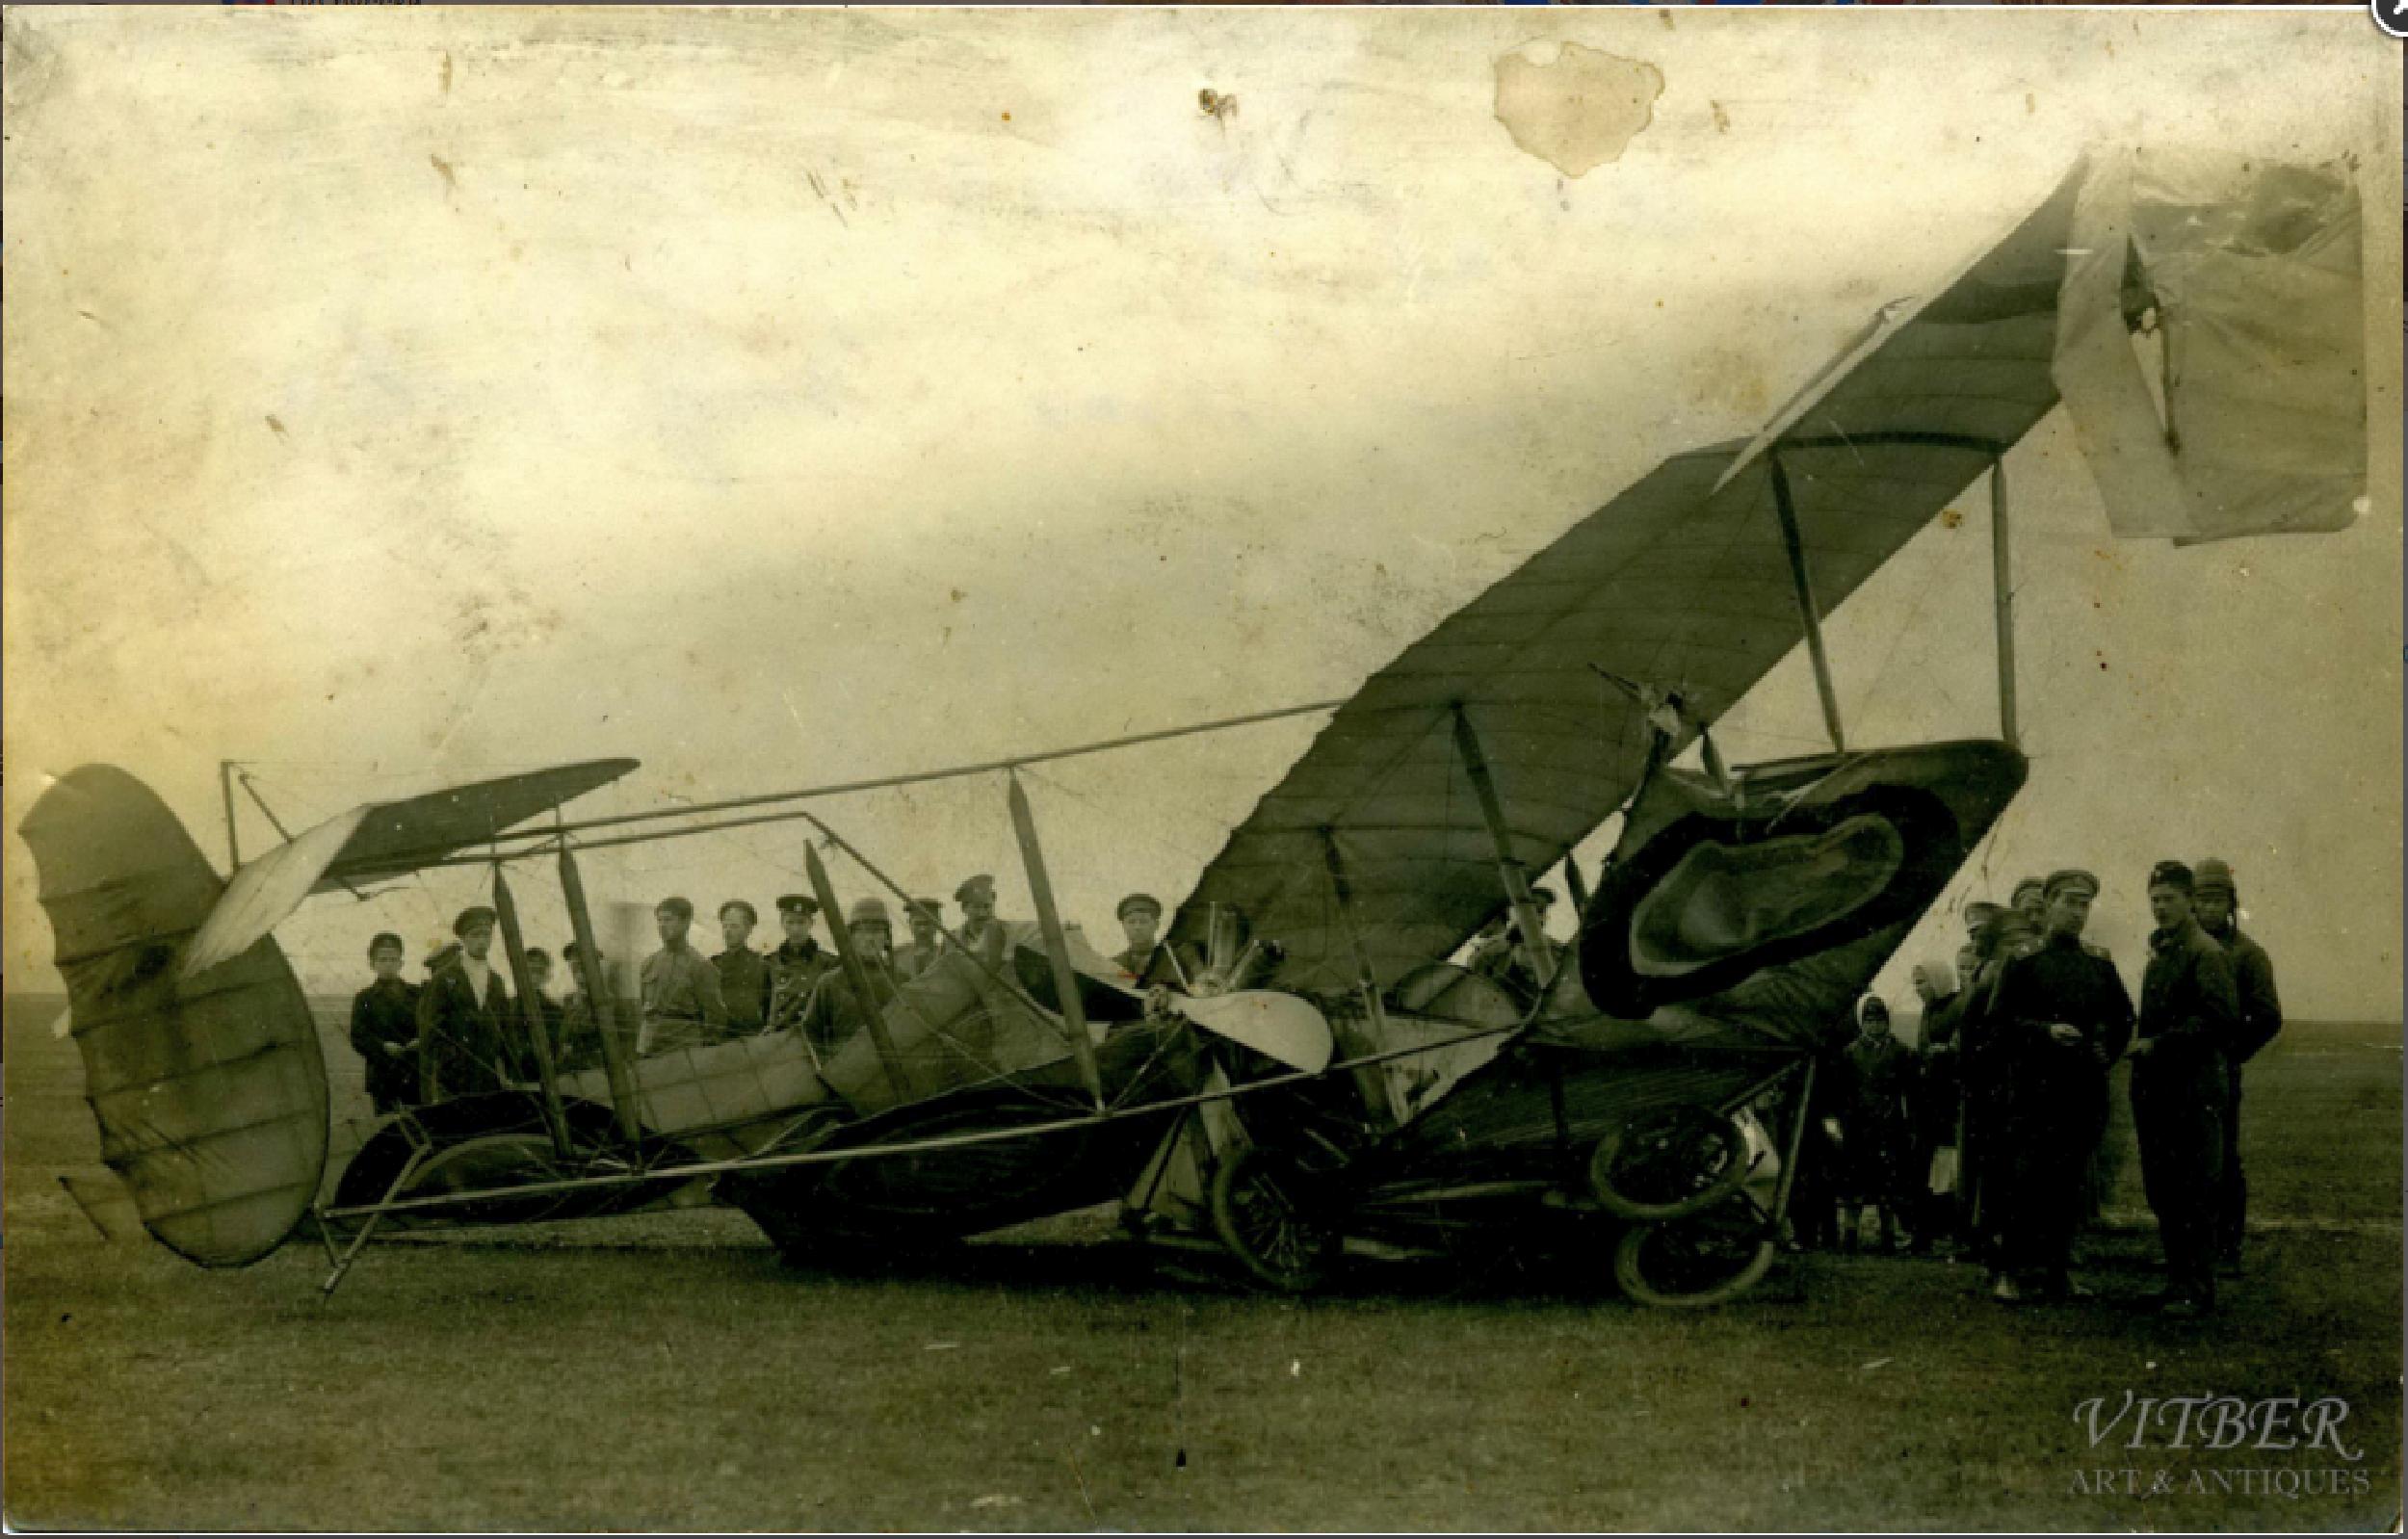 Авария Фармана, модель 16 - 22, aвиаторы Российской империи, падение летчика Найденова, начало 20-го века.png